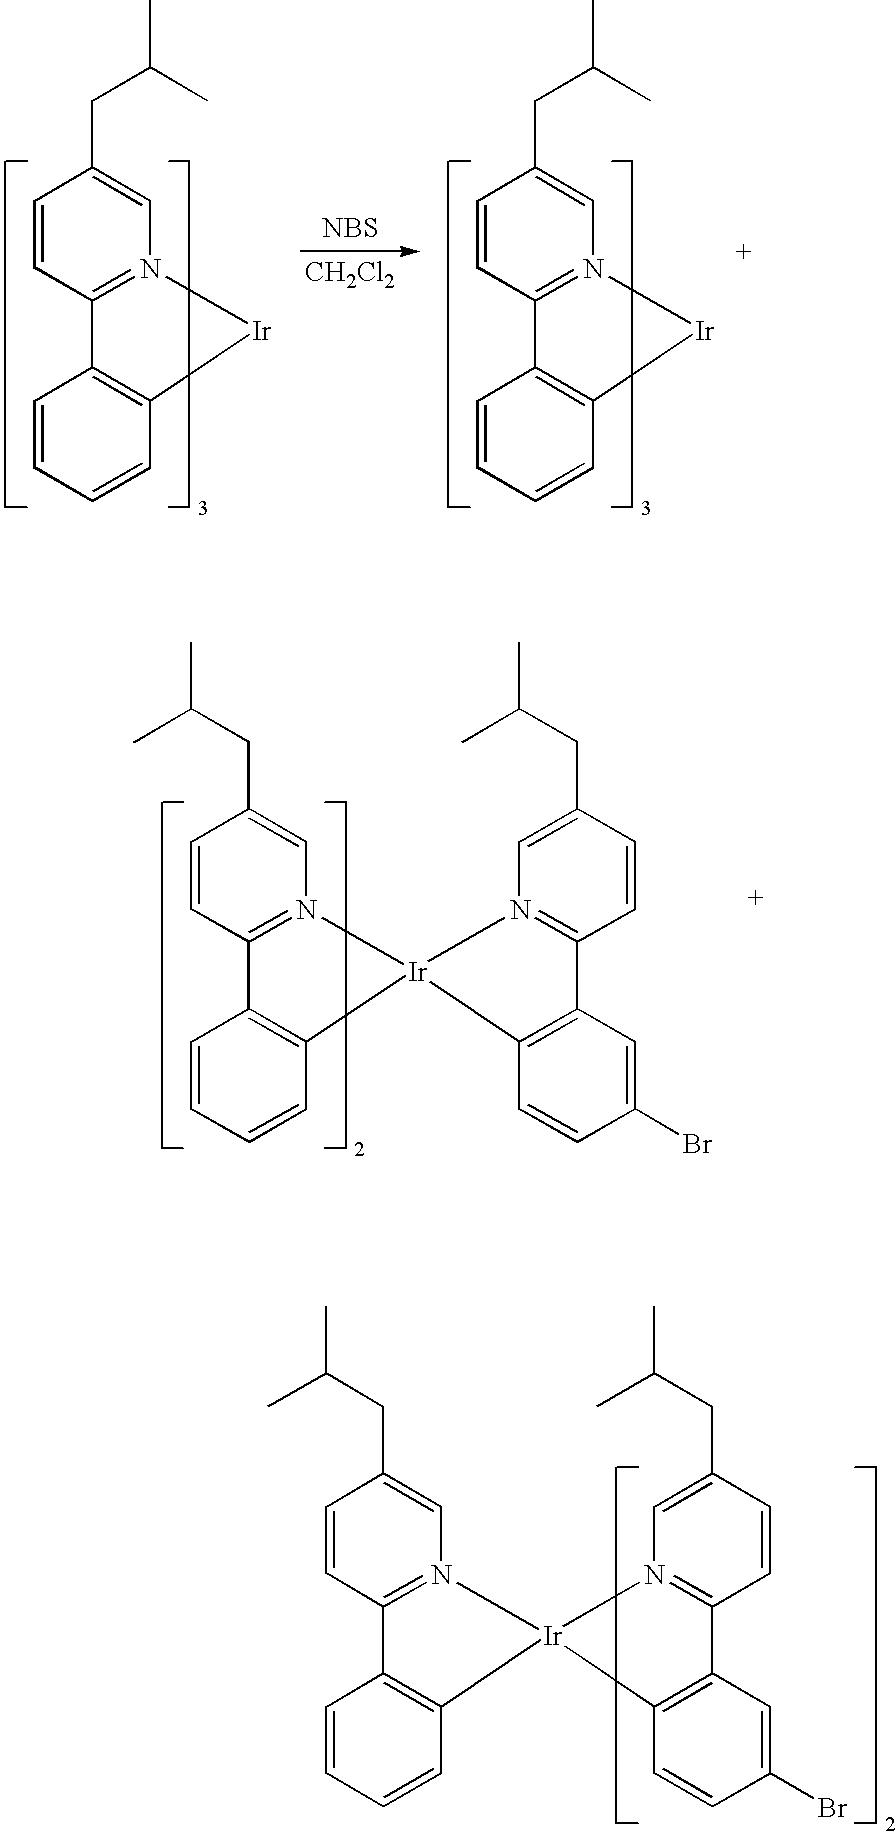 Figure US20090108737A1-20090430-C00074